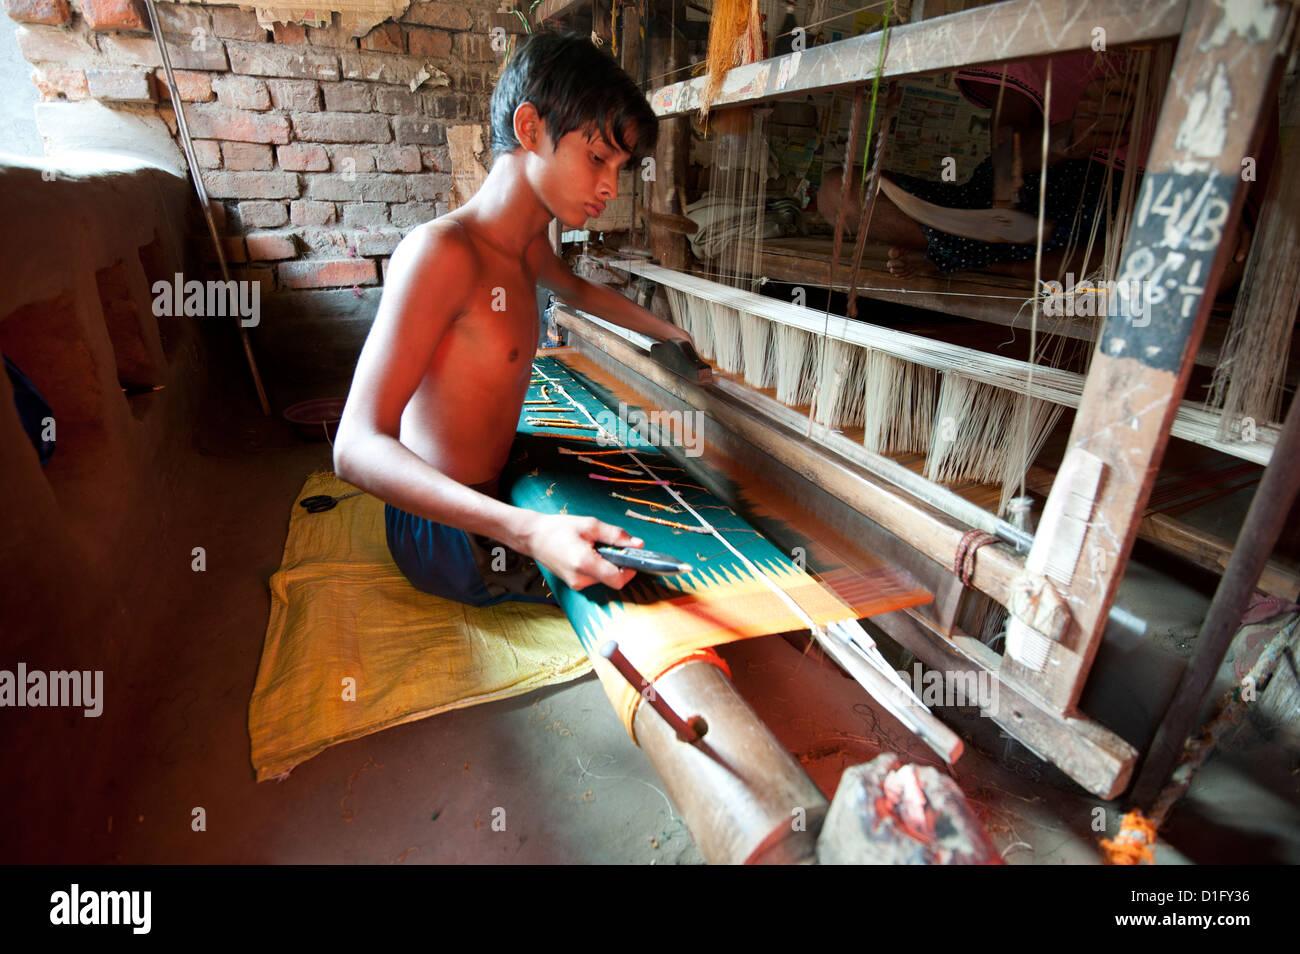 Jeune garçon à tissage tisser la soie à motifs sari en utilisant plusieurs bobines de soie, Vaidyanathpur Photo Stock